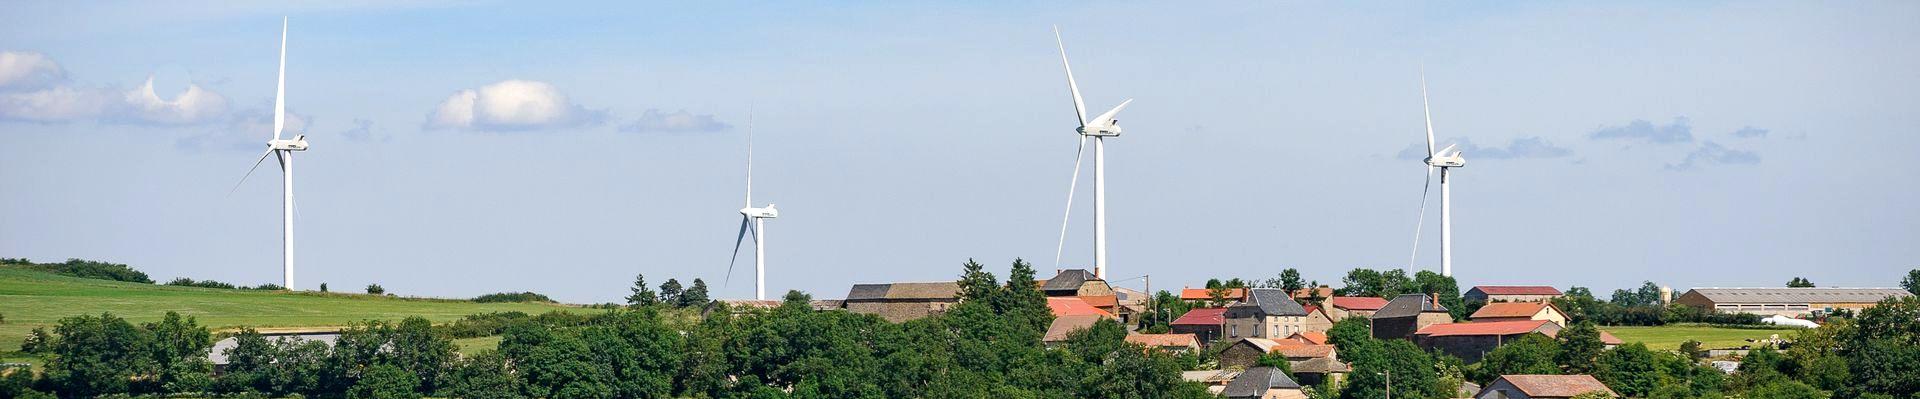 Le parc eolien d'Ally-Mercoeur (43) compte 26 eoliennes pour une capacite de production electrique de 39 MW. Mis en service en decembre 2005, son equivalence en nombre de foyers alimentees en electricite annuellement est de 9 833 foyers. Auvergne